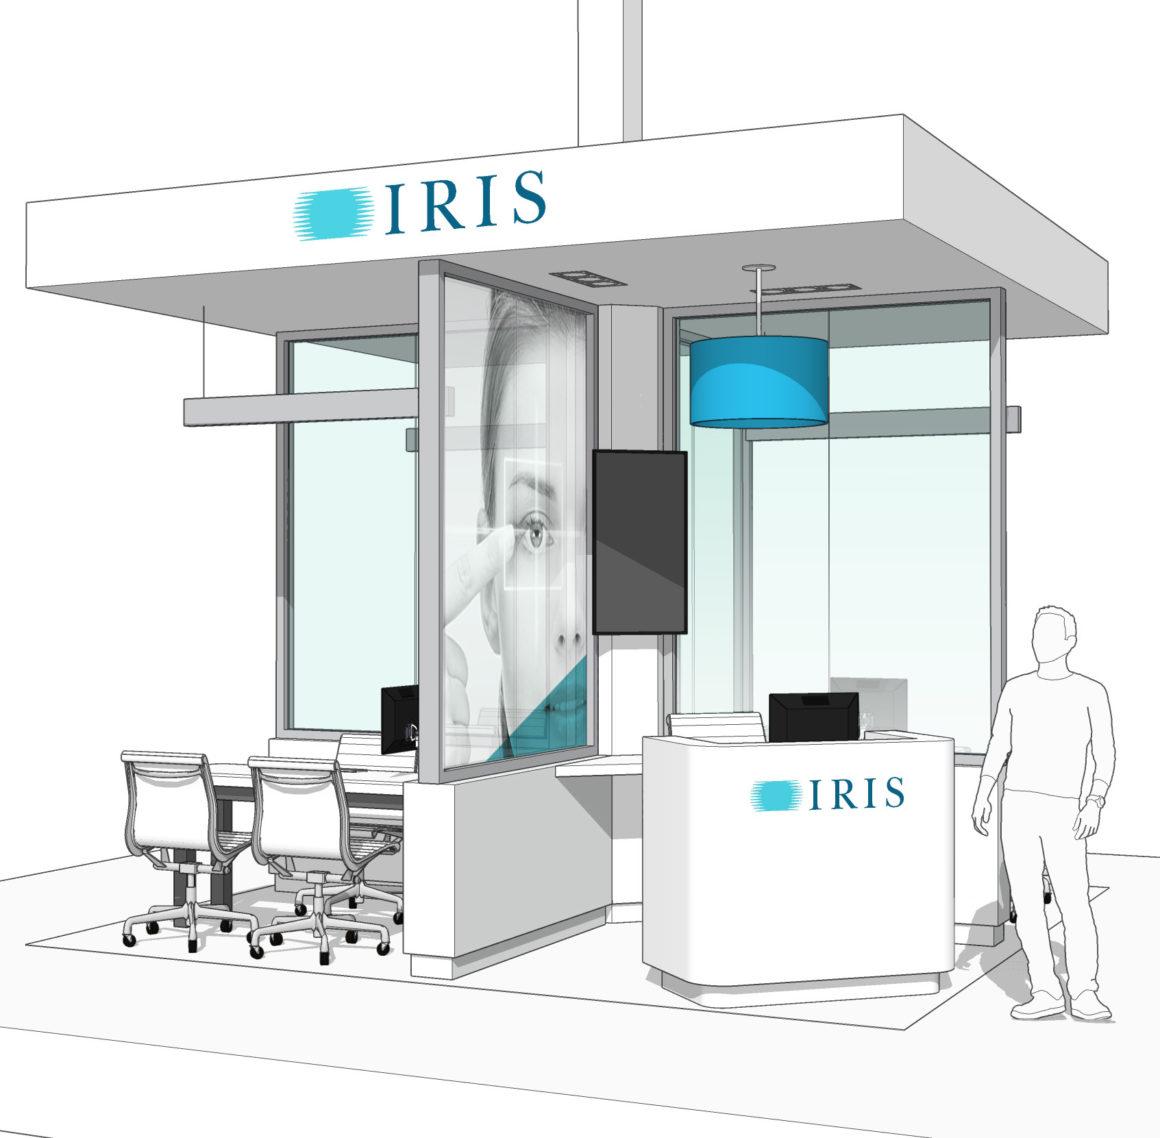 IRIS_ILOT CONCEPT 3D_1